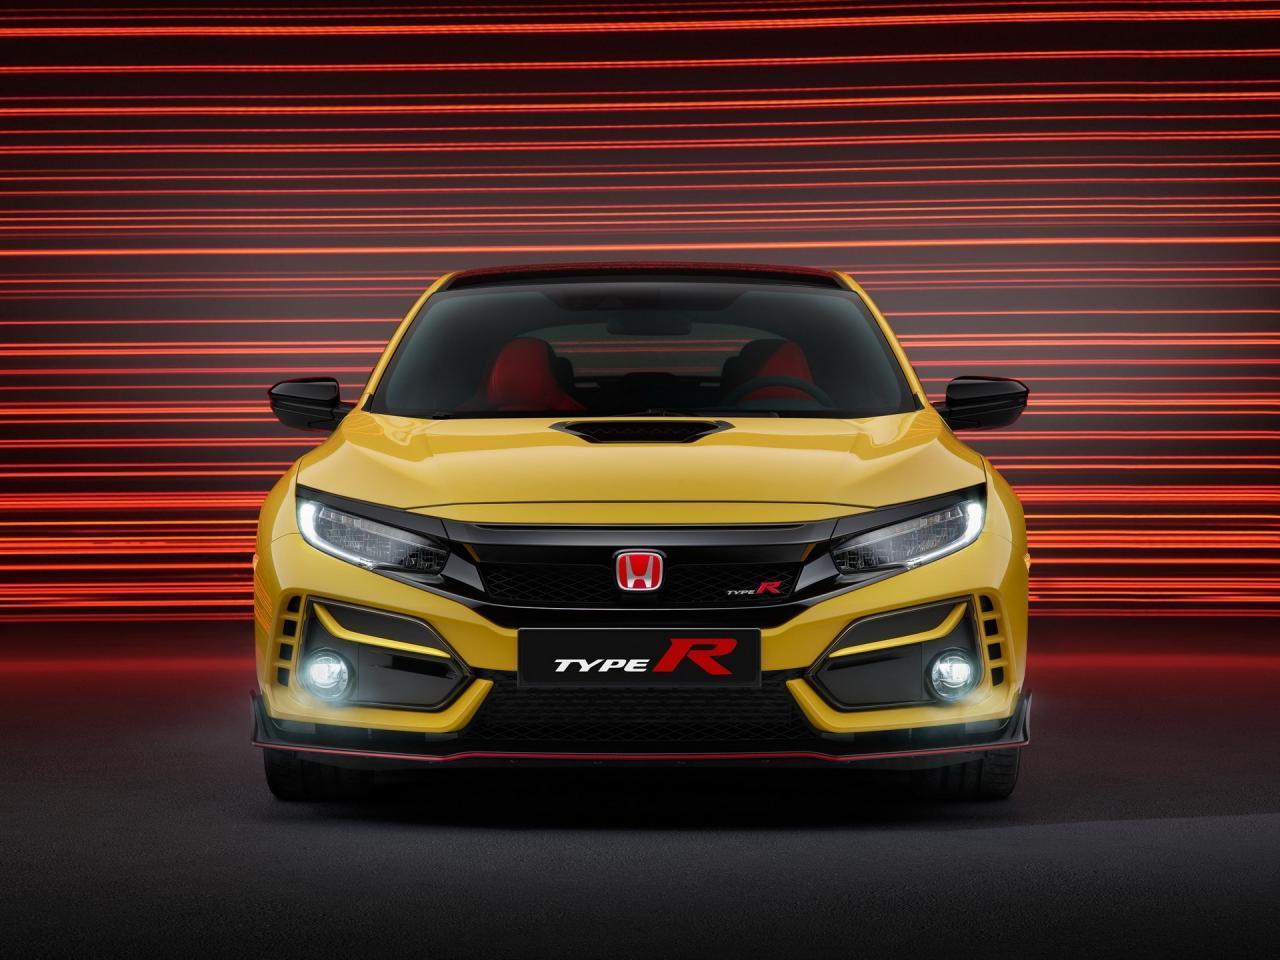 本田的更新的思域Type-R在英国的售价为32,820英镑,限量版仍然售罄_蜀车网